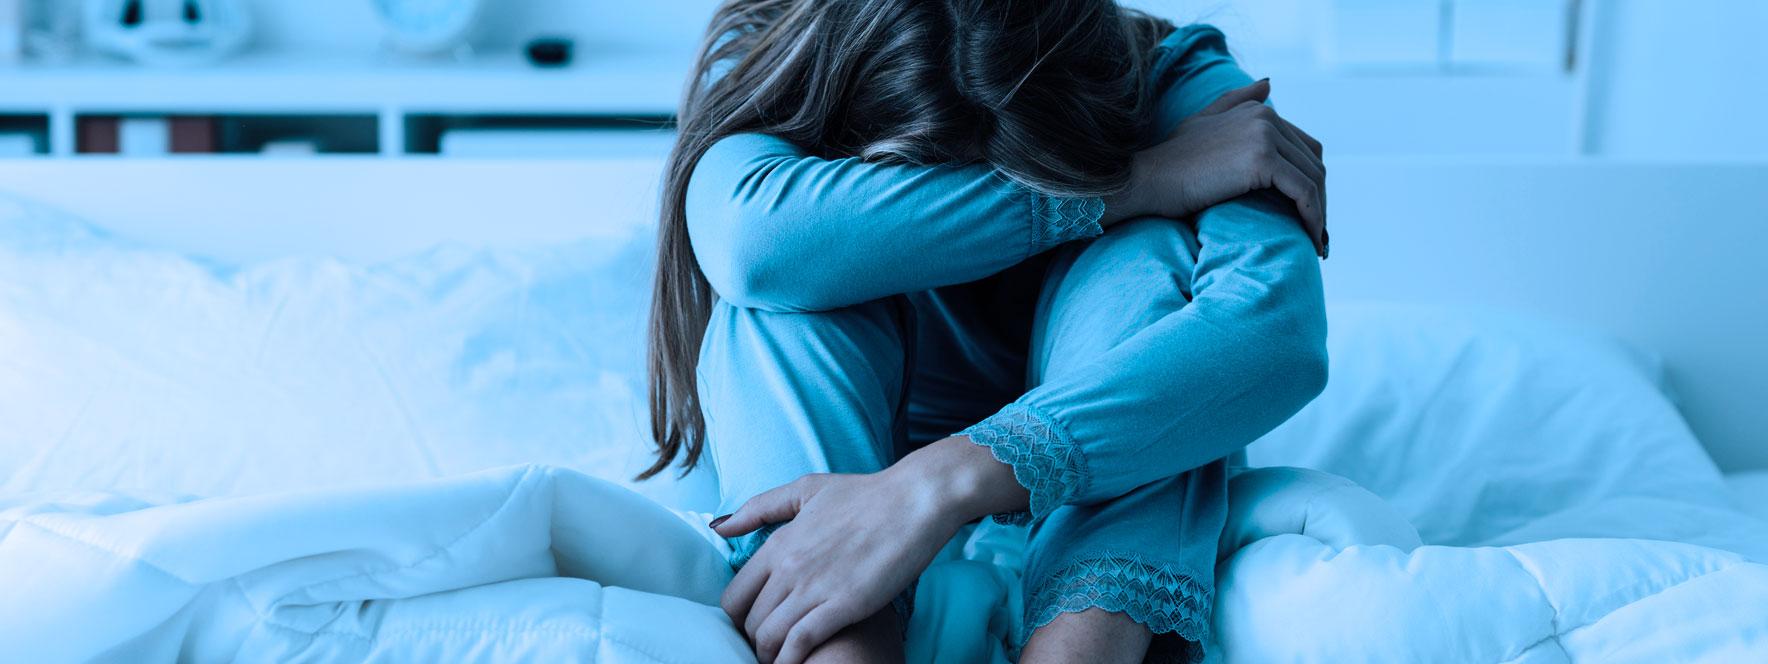 L'insomnie et la massothérapie - Blogue du Réseau